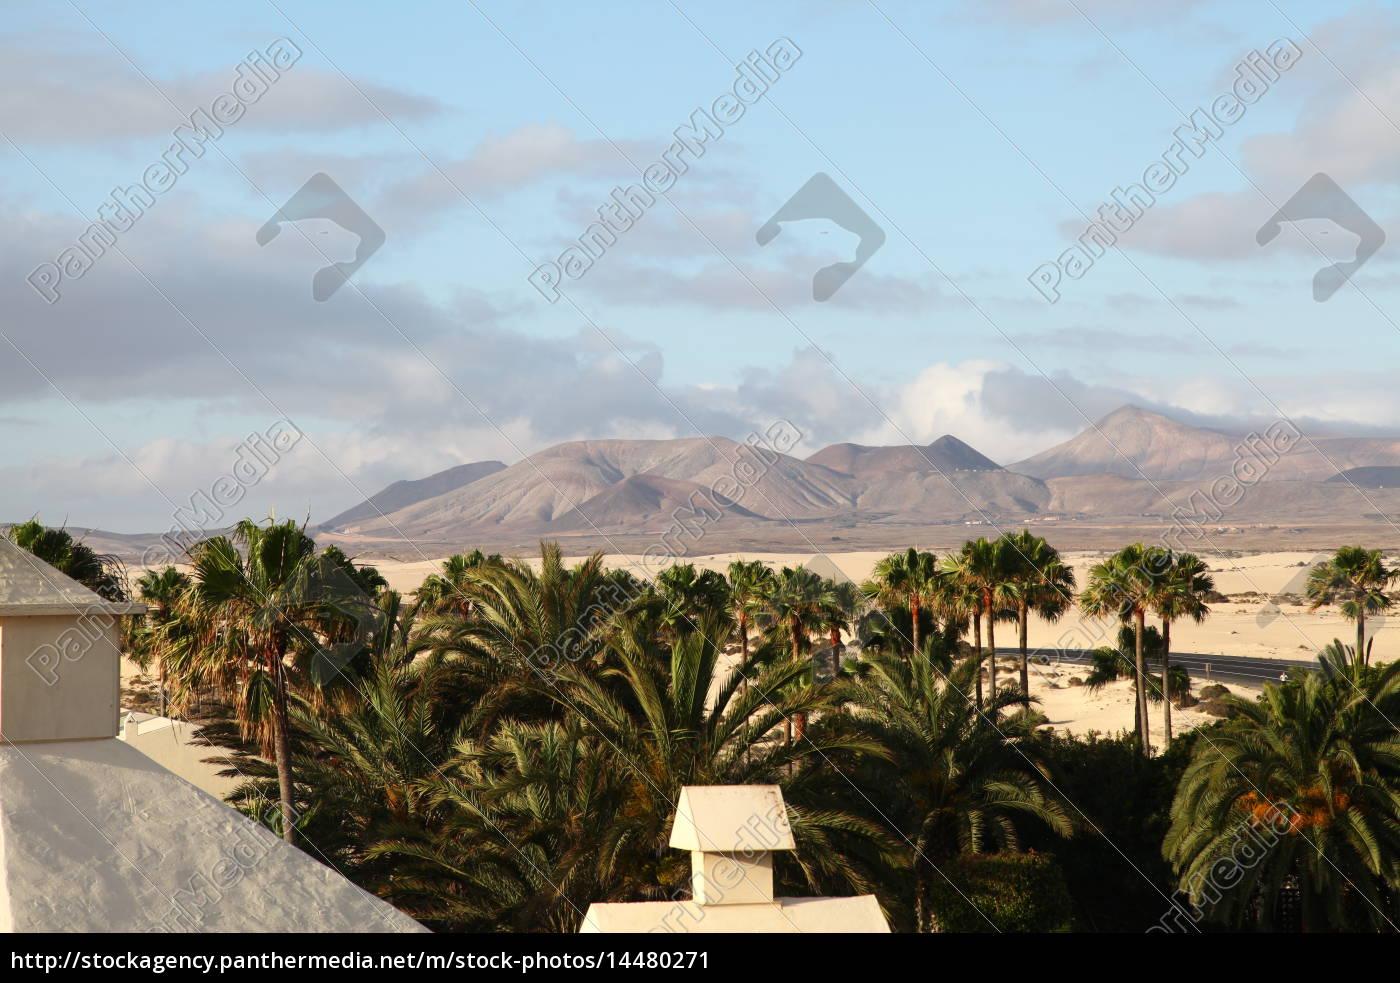 Fuerteventura, Kanarischen Inseln, Kanaren, Insel, Urlaub, Reise - 14480271